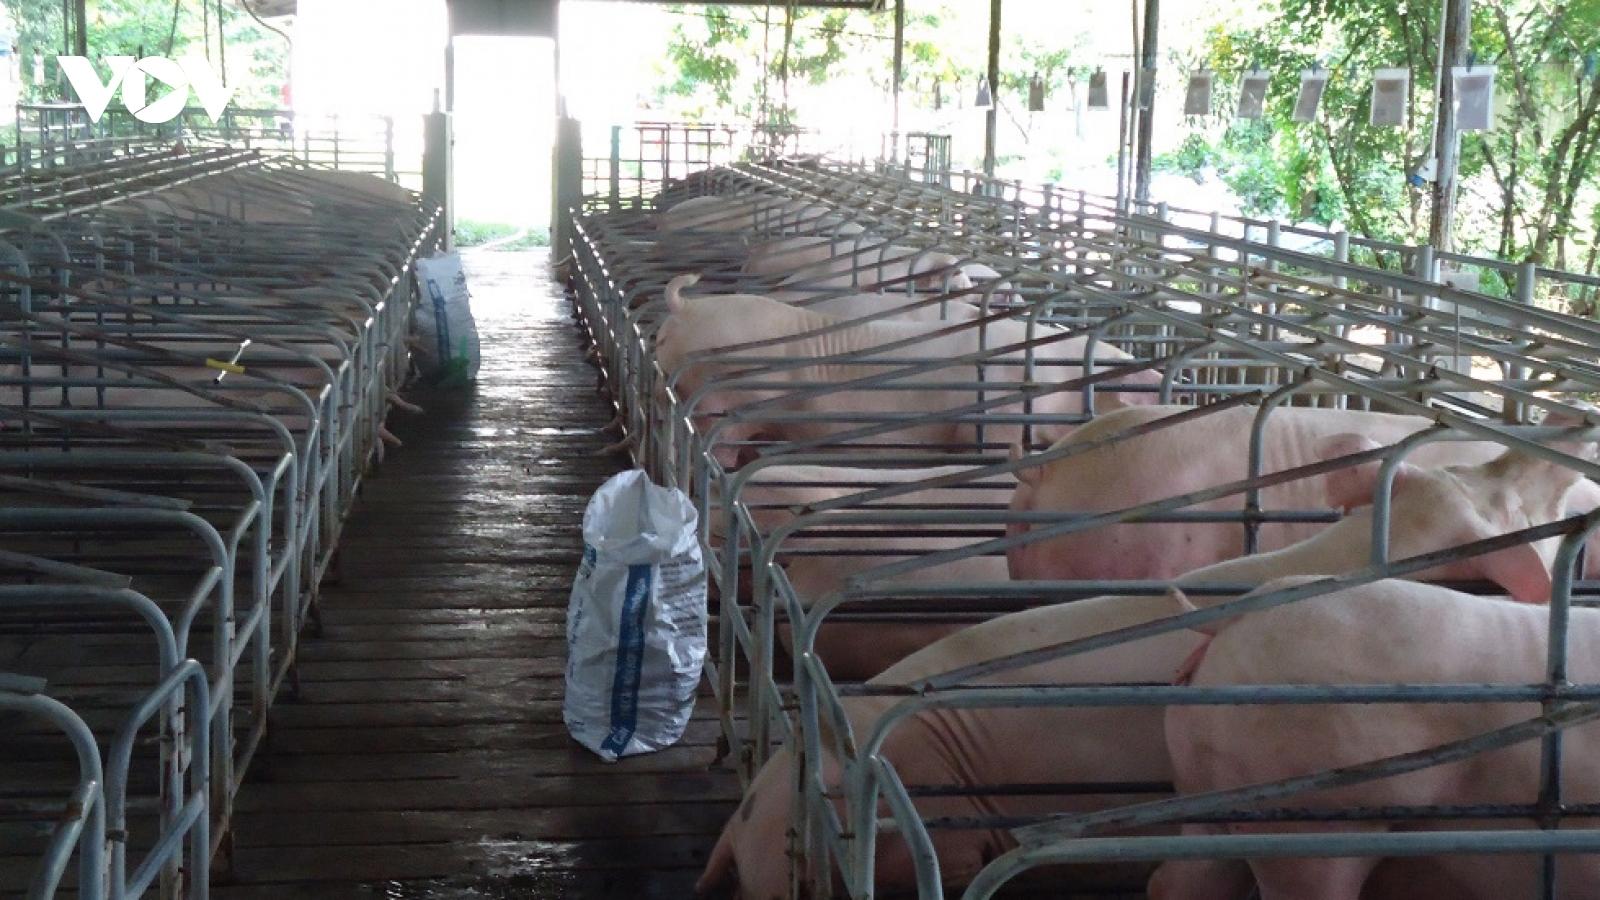 Tái đàn chậm, nguy cơ nguồn cung thịt lợn sẽ giảm dịp Tết